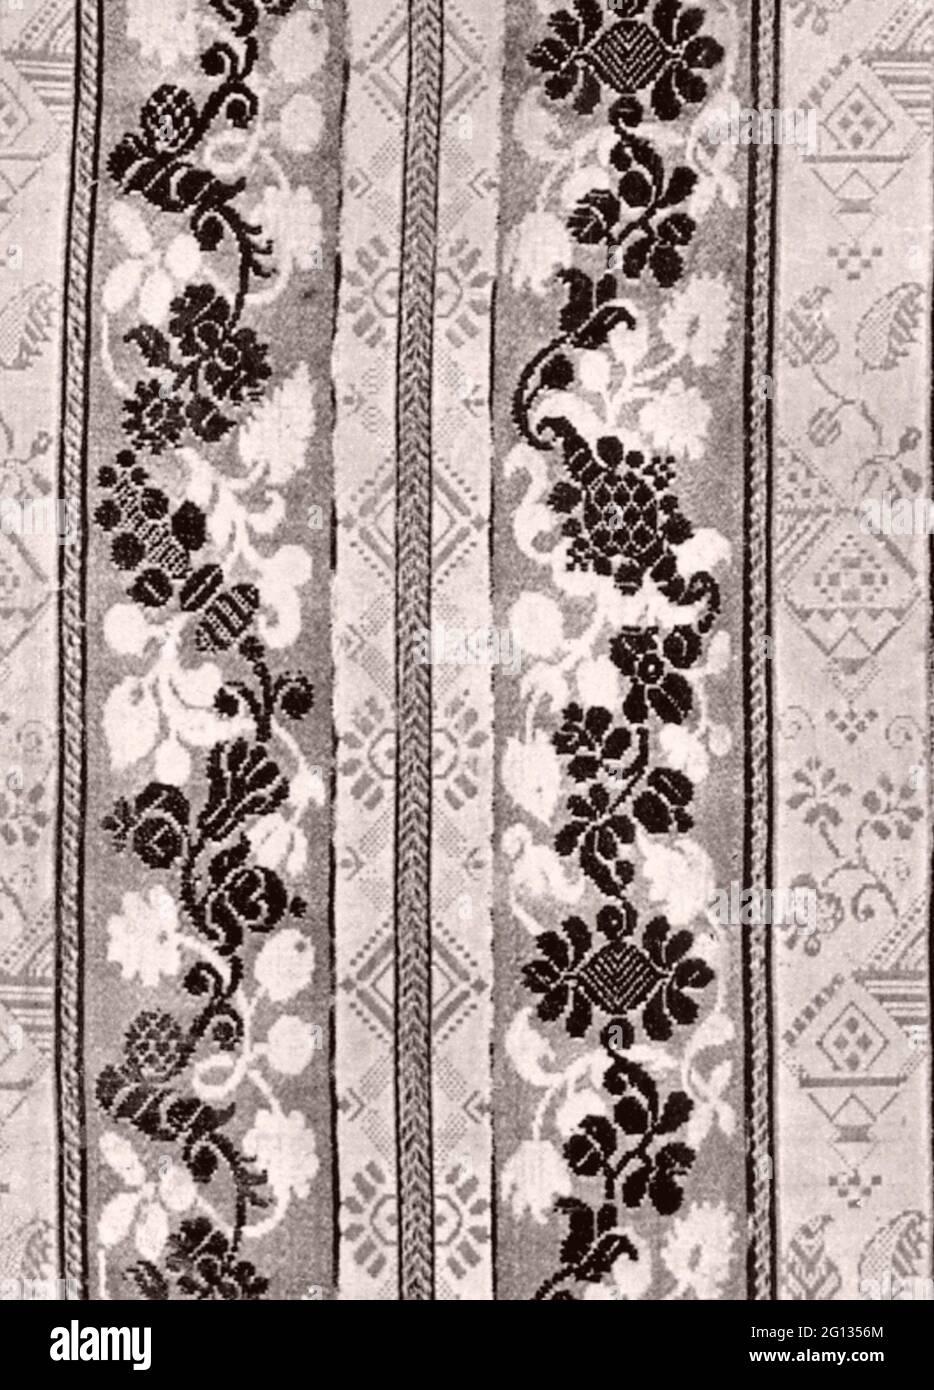 Fragment - fin du XVIIe siècle - France damassée de satin brocardée. 1675 - 1700. Banque D'Images